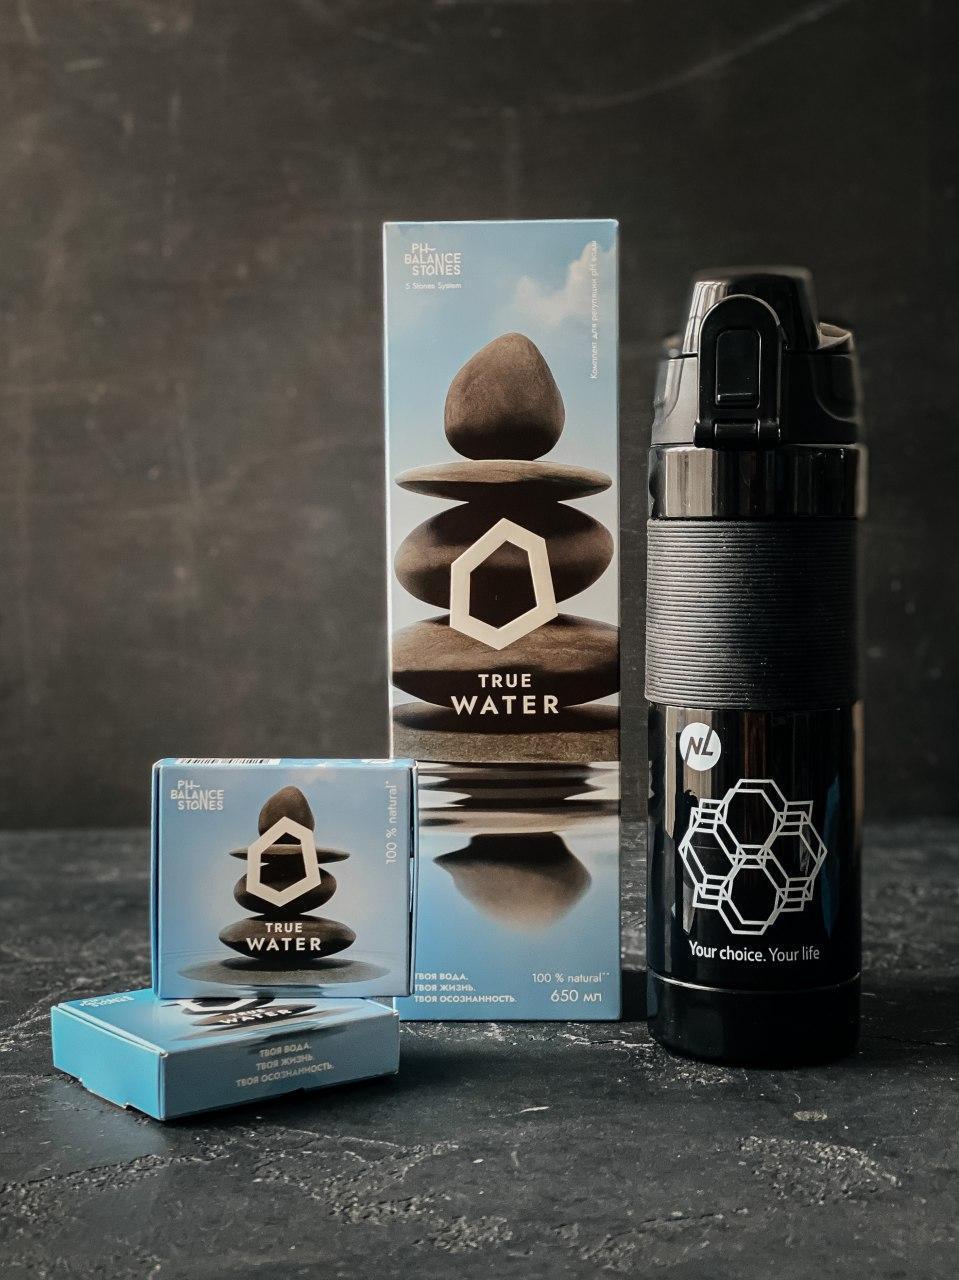 Для воды Бутылка ДЛЯ ОЩЕЛАЧИВАНИЯ  воды (устройство + картридж)  комплект PH Balance Stones,обьем 650 мл